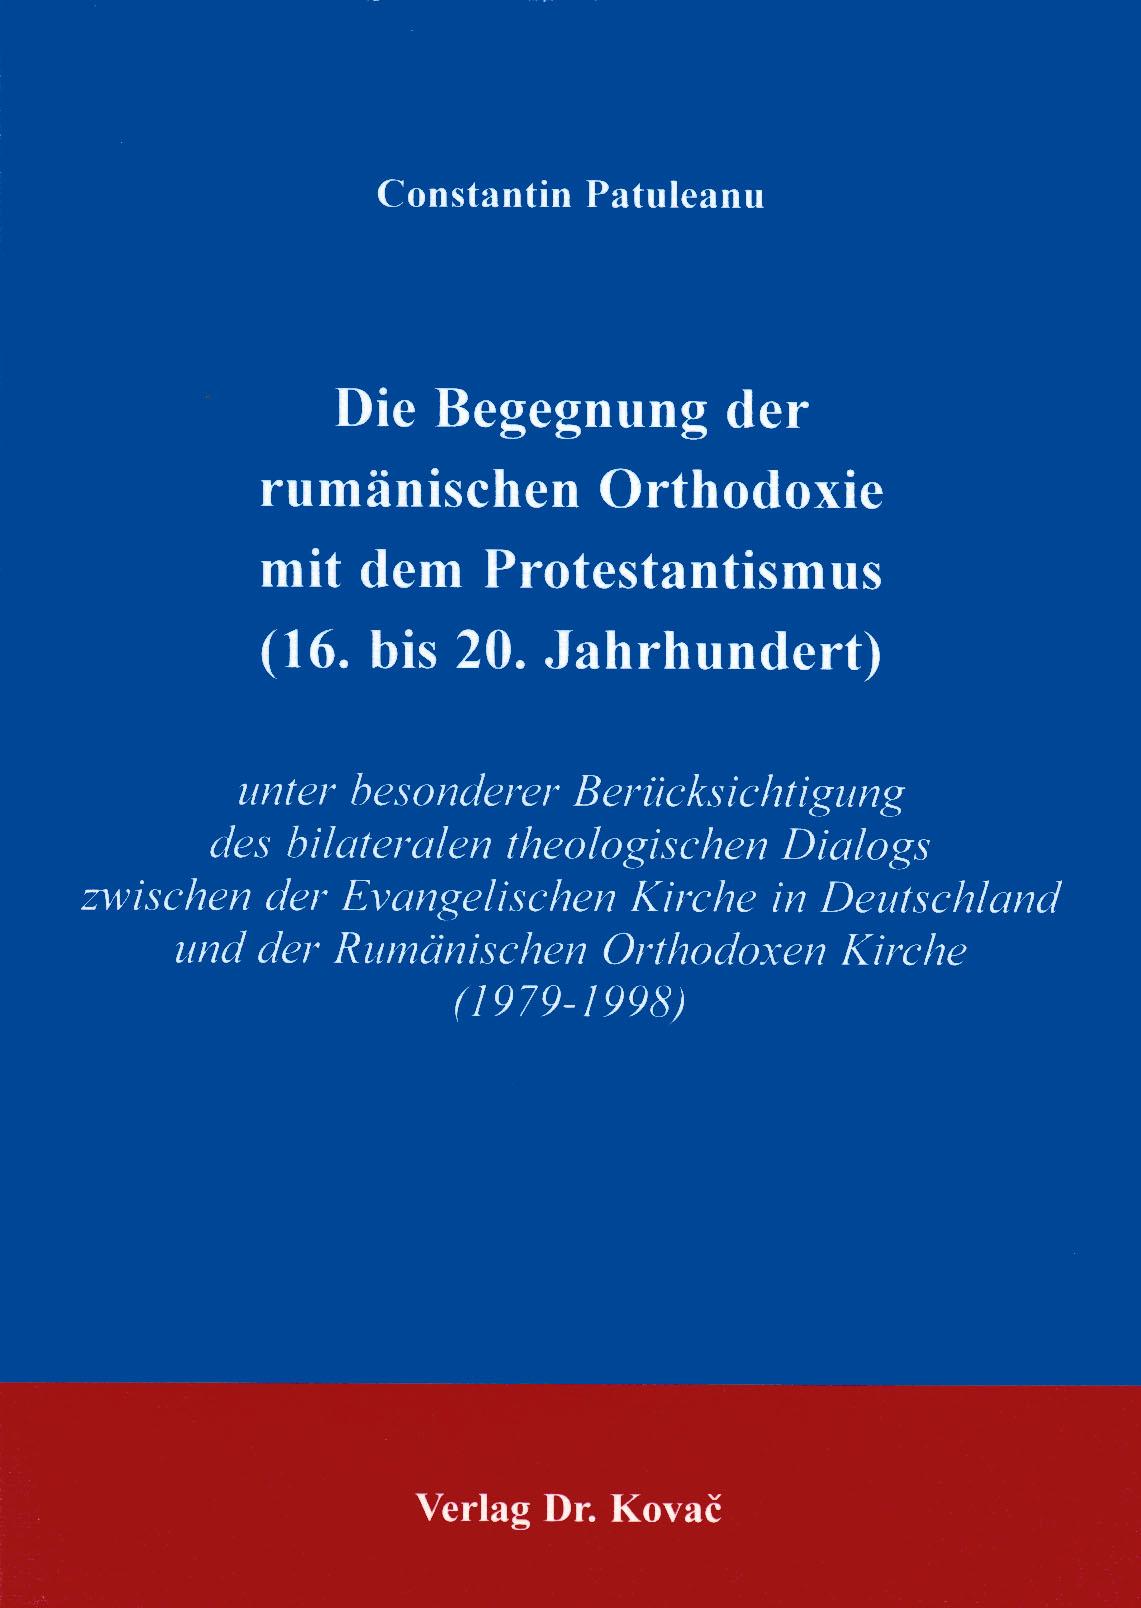 Cover: Die Begegnungen der rumänischen Orthodoxie mit dem Protestantismus (16. bis 20. Jahrhundert)